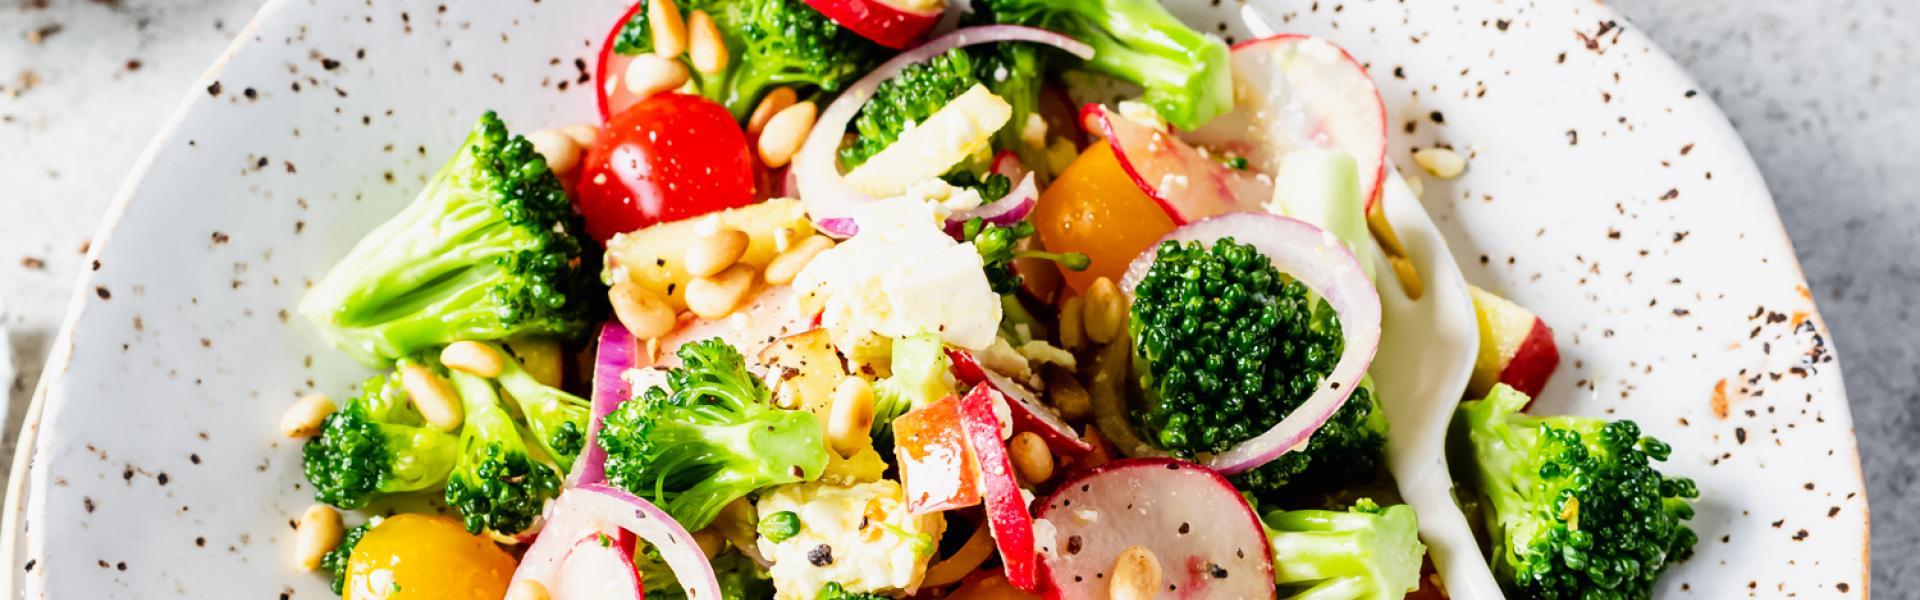 Bunter roher Brokkolisalat auf einem Teller mit angelehnter Gabel.